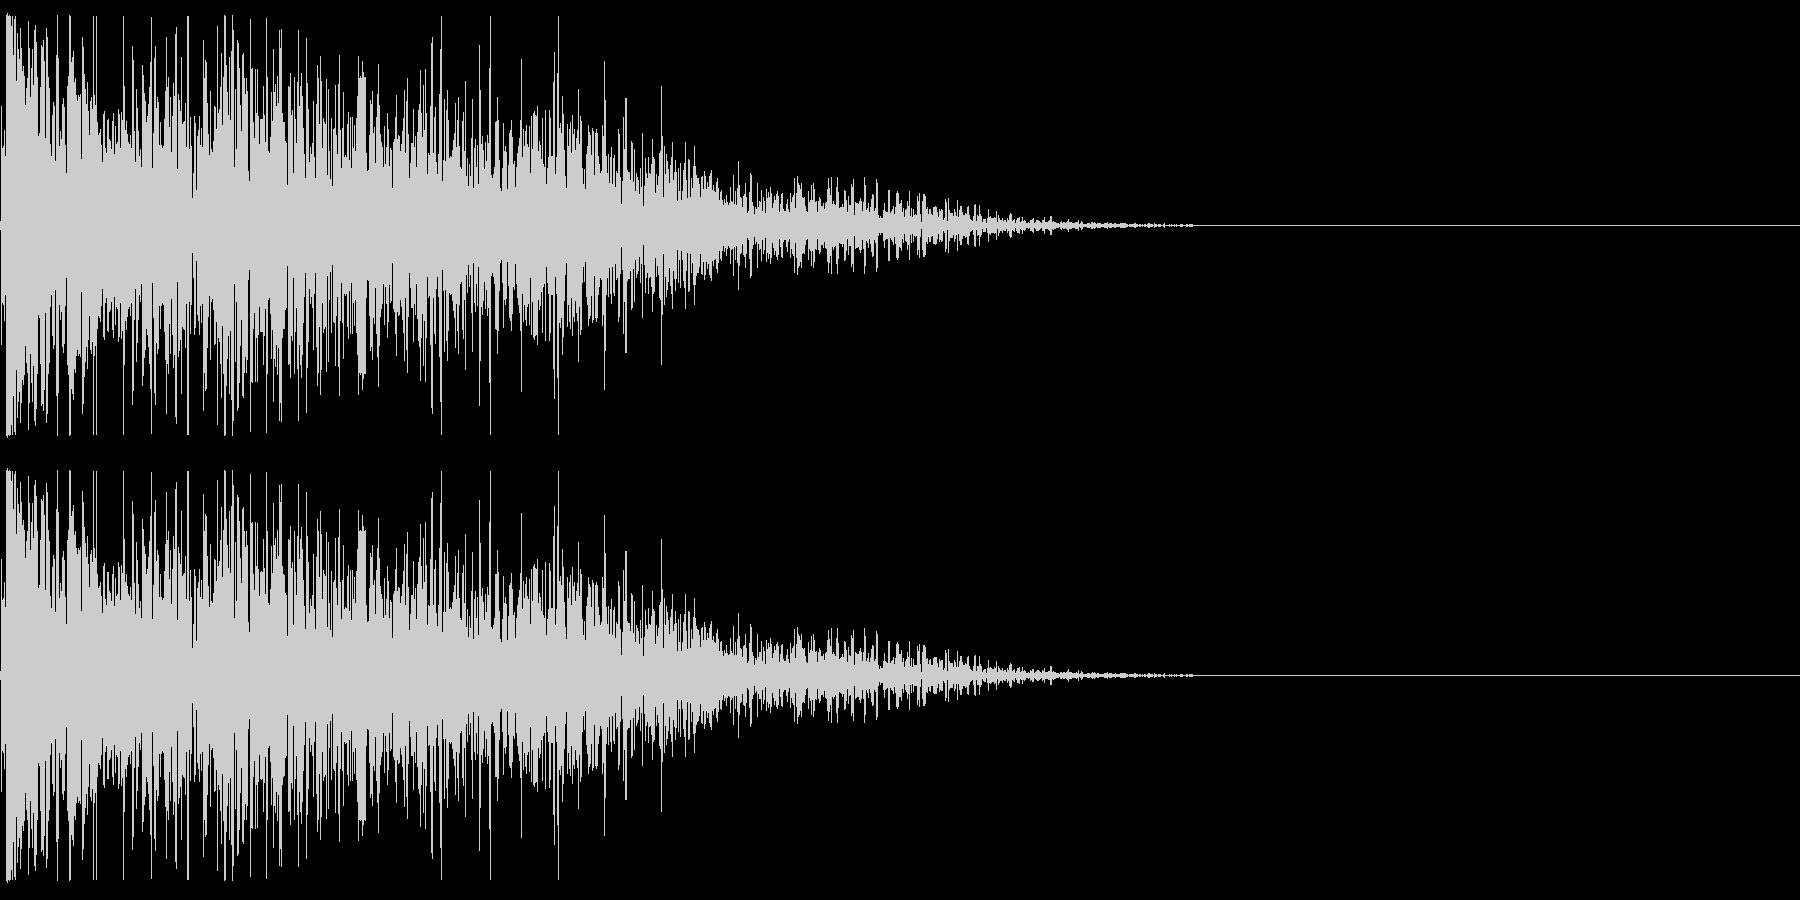 キャラクタが倒れる02(重い系)の未再生の波形